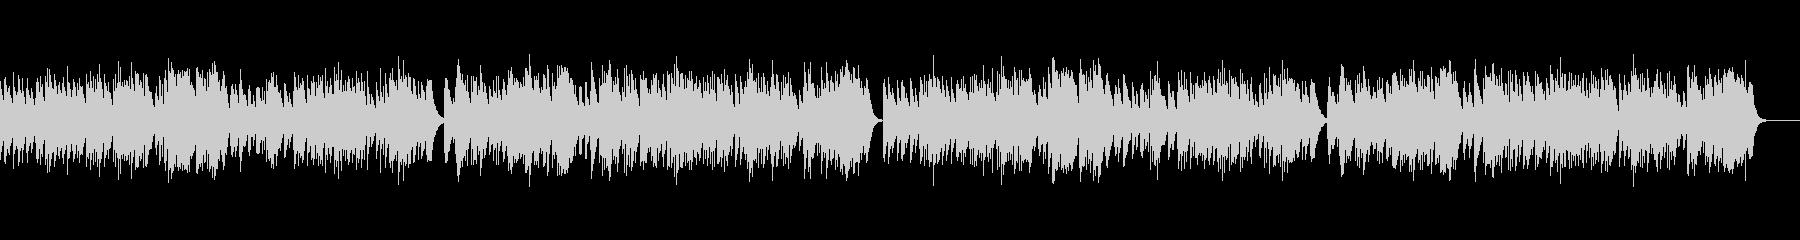 バッハ「G線上のアリア」オルゴールの未再生の波形